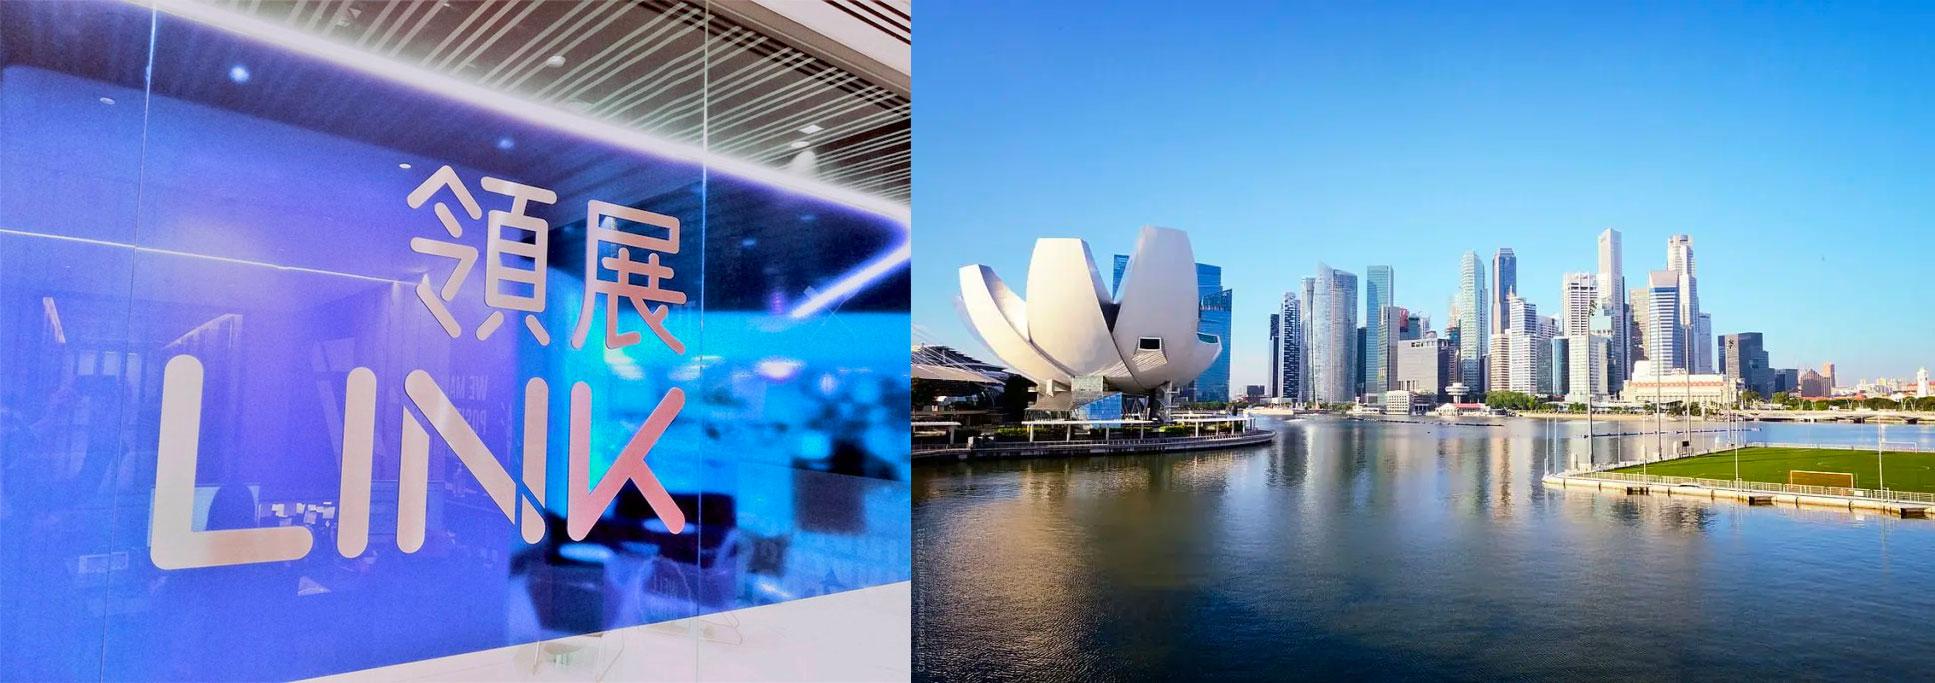 分享買入香港房地產投資信託基金—領展房地產投資信託基金(823)及星加坡房地產投資信託基金—Mapletree North Asia Commercial Trust (RW0U)和Mapletree Commercial Trust (N2IU)的原因。